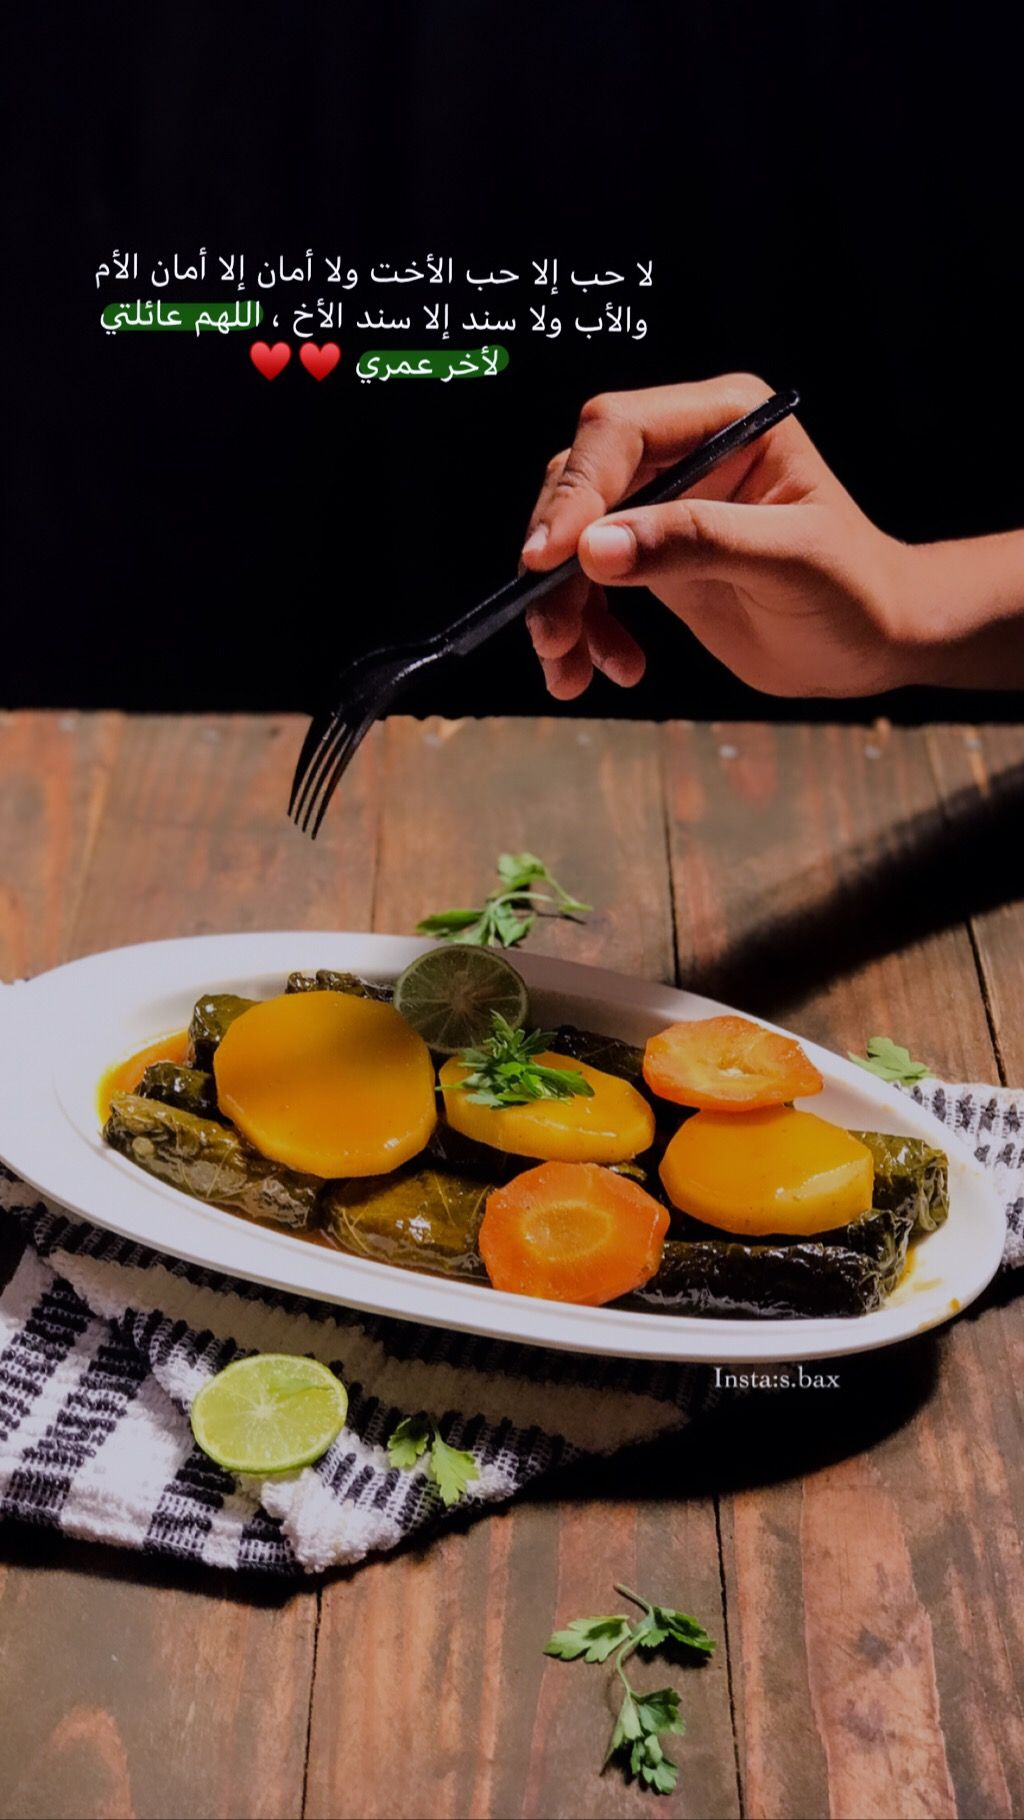 ورق العنب اكلات عصائر قهوه مشروبات رمزيات صور خلفيات Griddle Pan Pan Kitchen